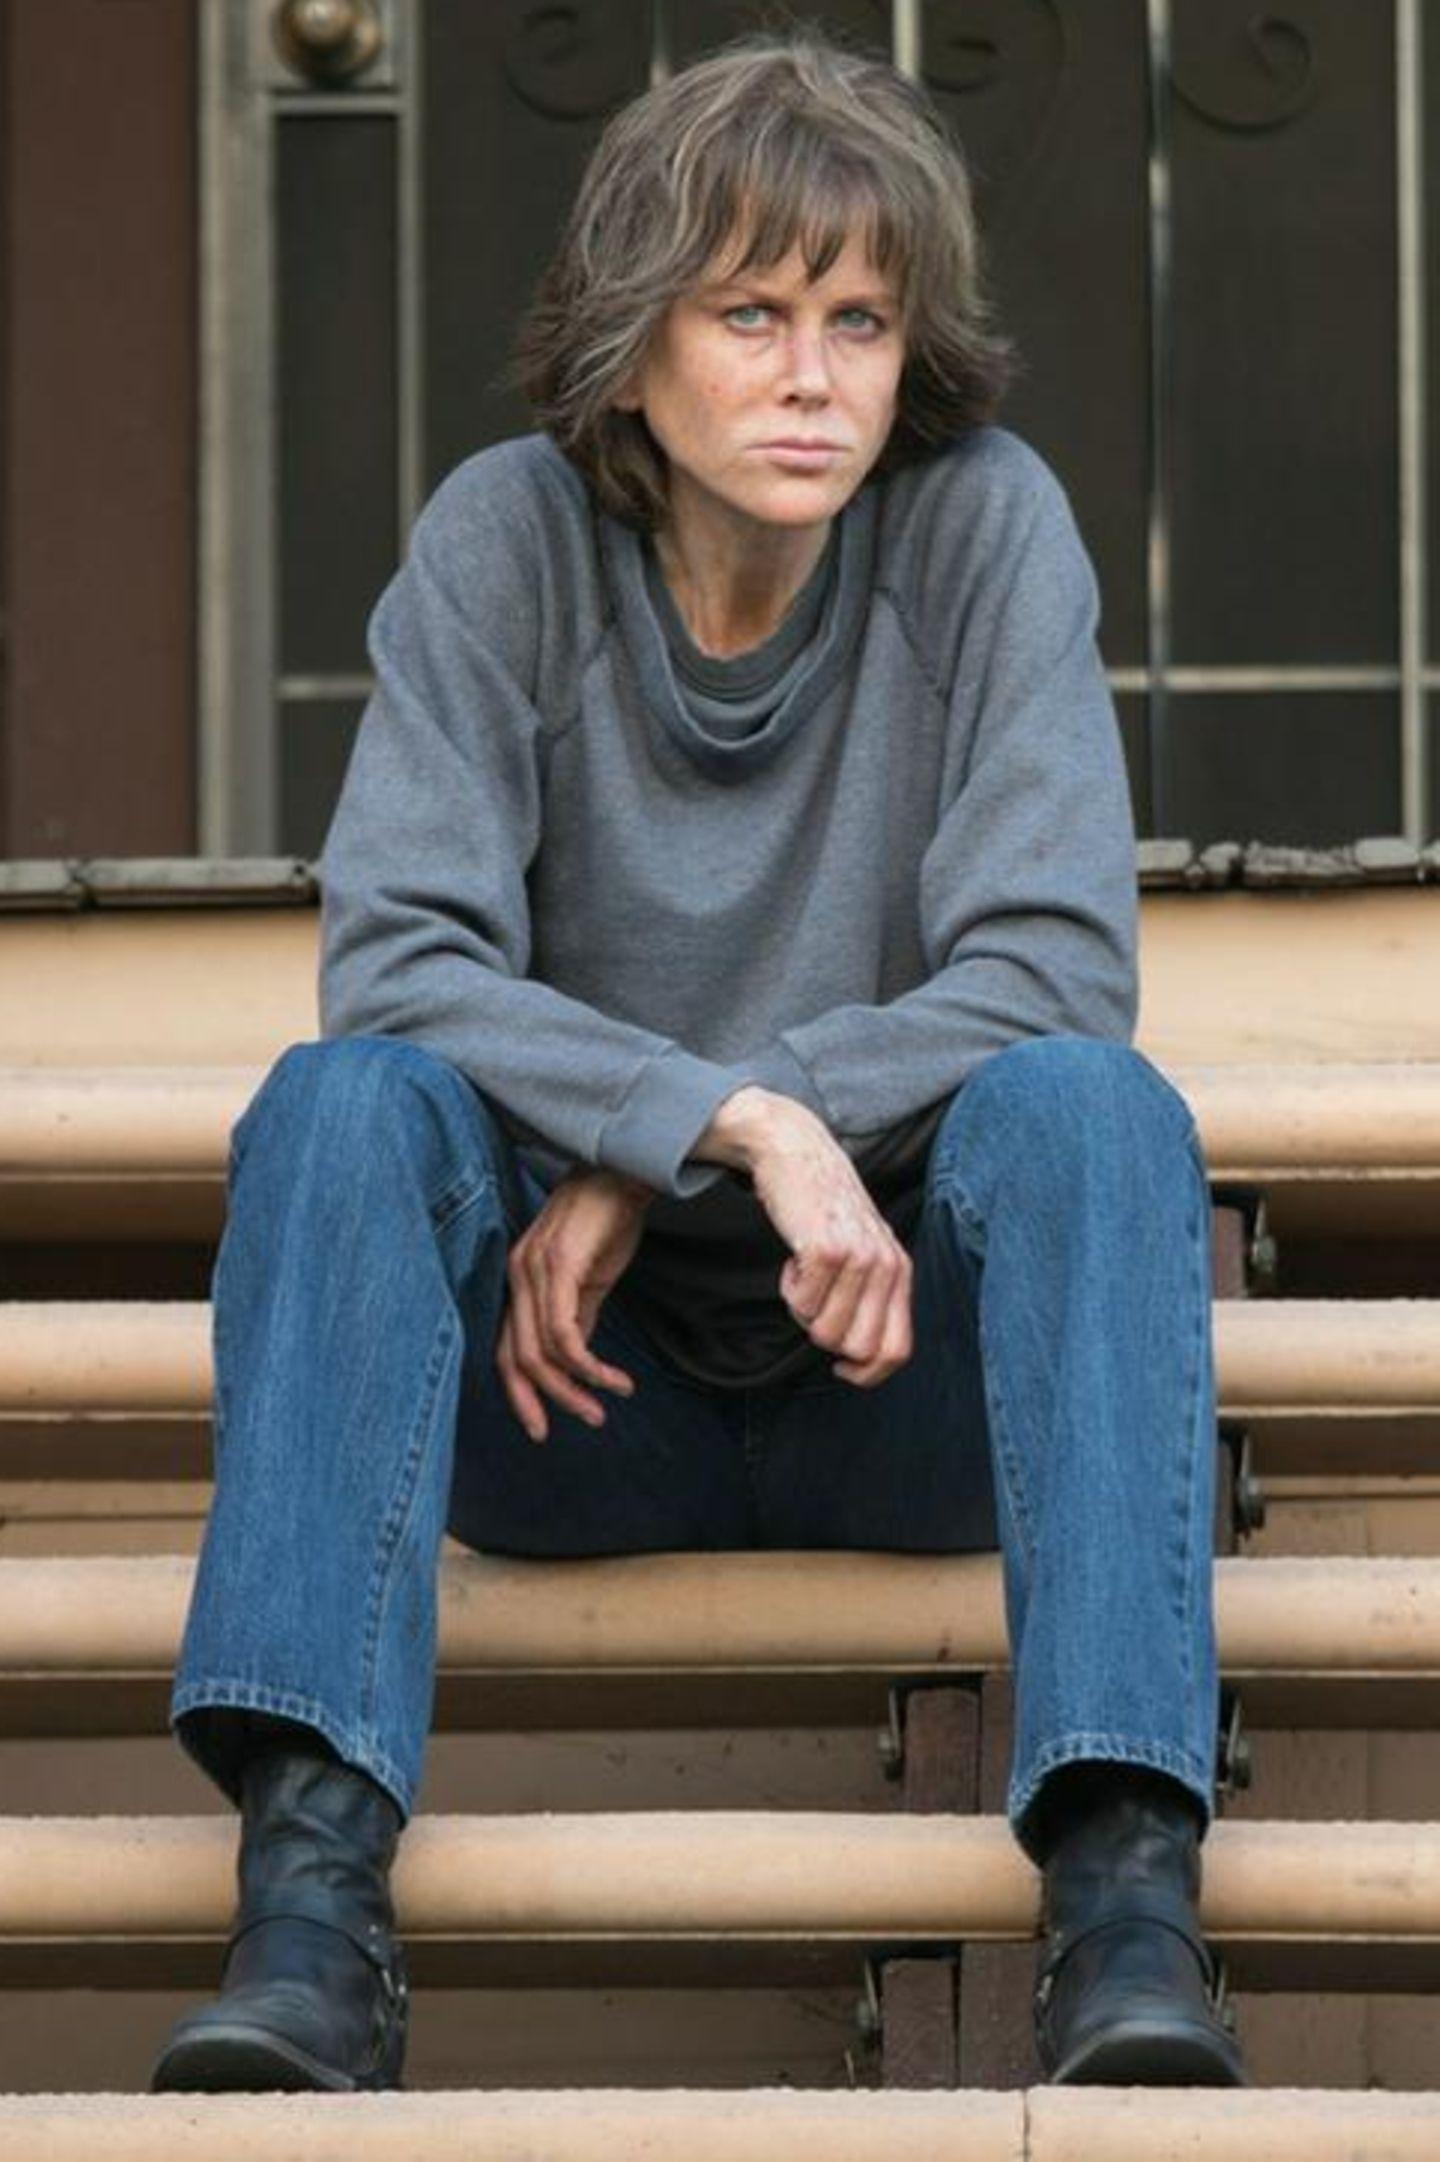 """Diese düster dreinblickende Dame ist keine Geringere als Hollywood-Schönheit Nicole Kidman. Für den Film """"Destroyer"""" hat sich die Schauspielerin einer Komplettverwandlung unterzogen und ist mit Hilfe der Maskenbildner kaum wiederzuerkennen."""